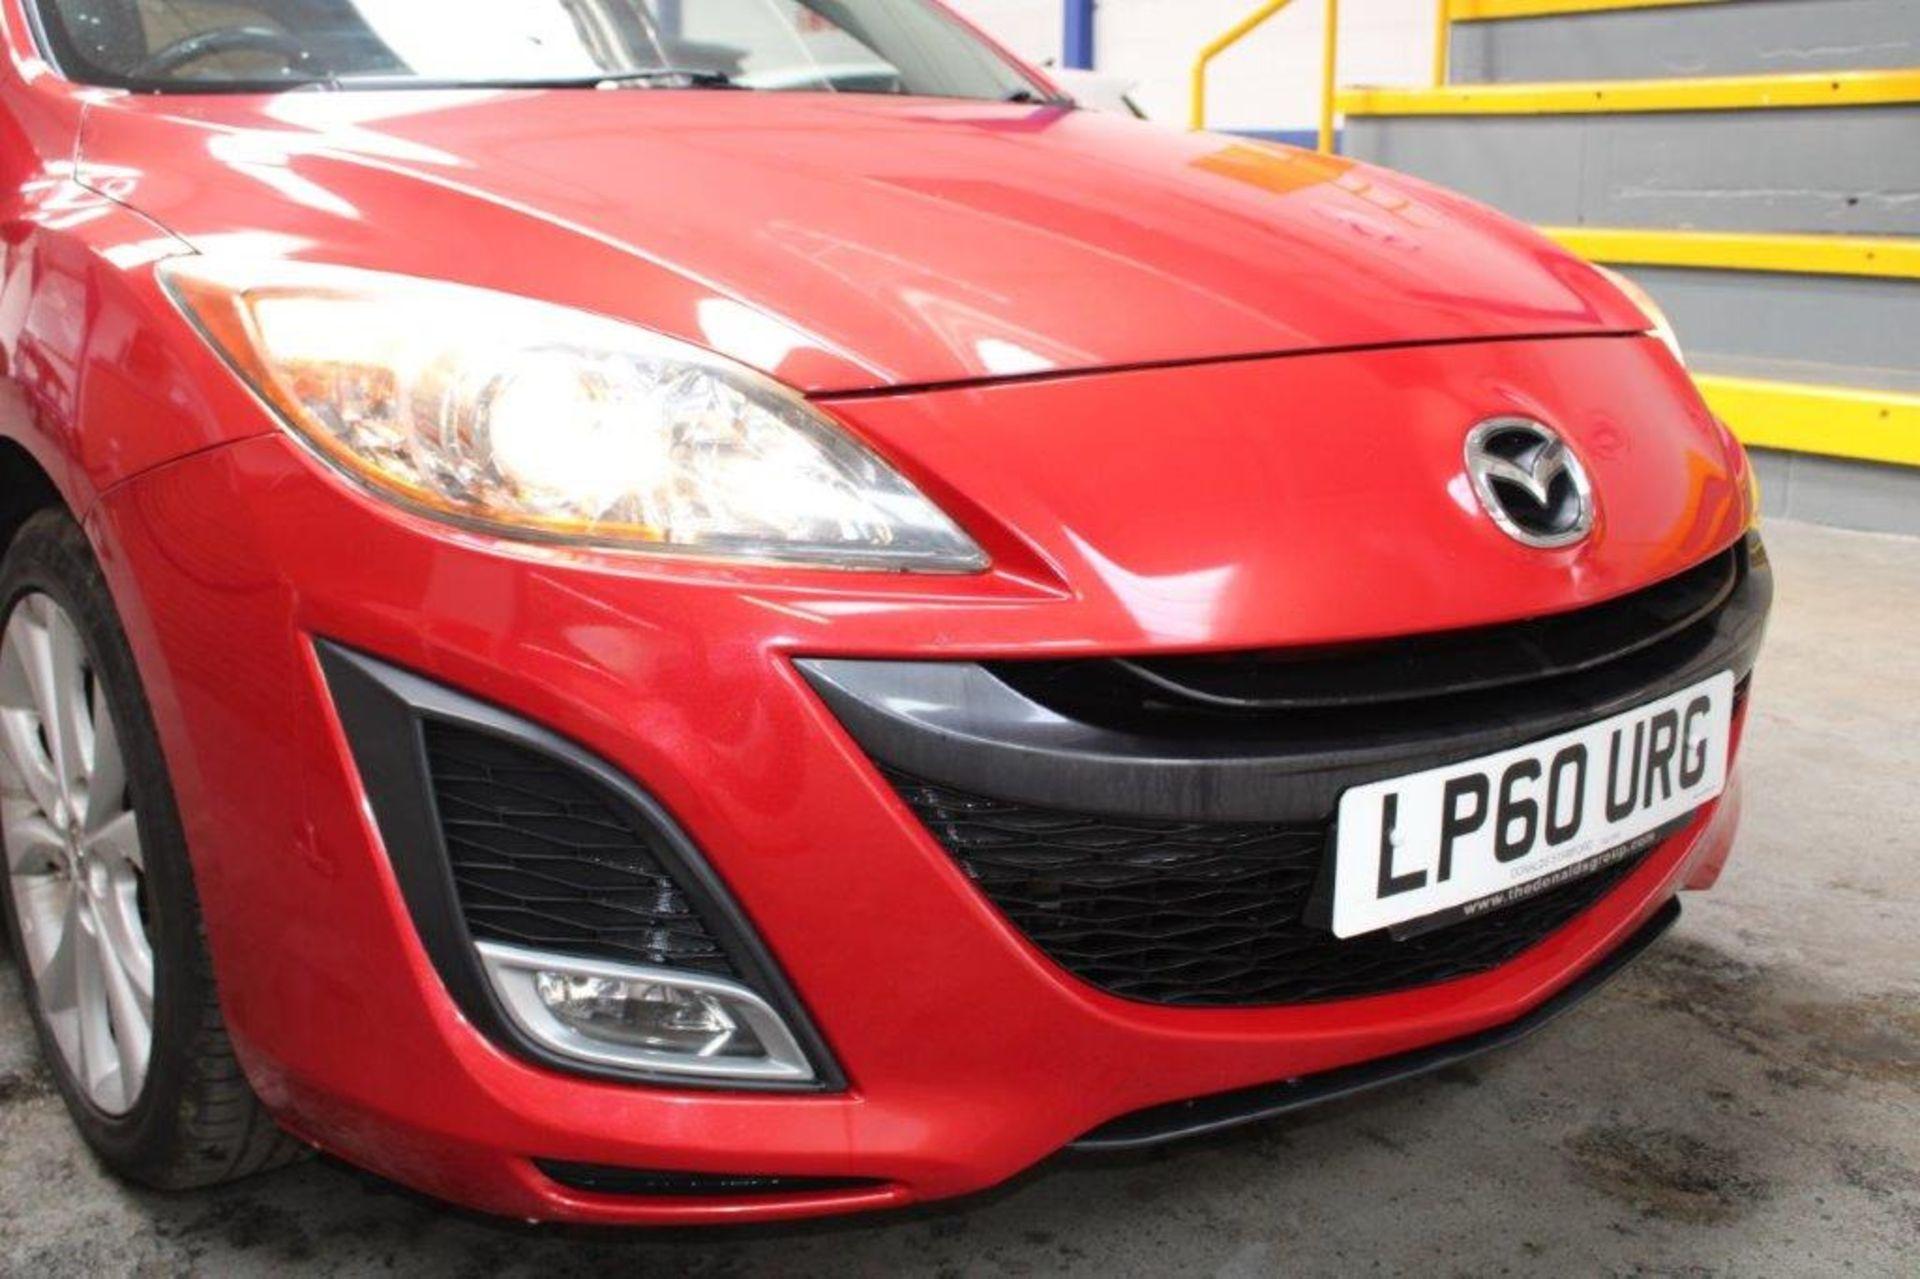 60 11 Mazda 3 Sport - Image 6 of 26